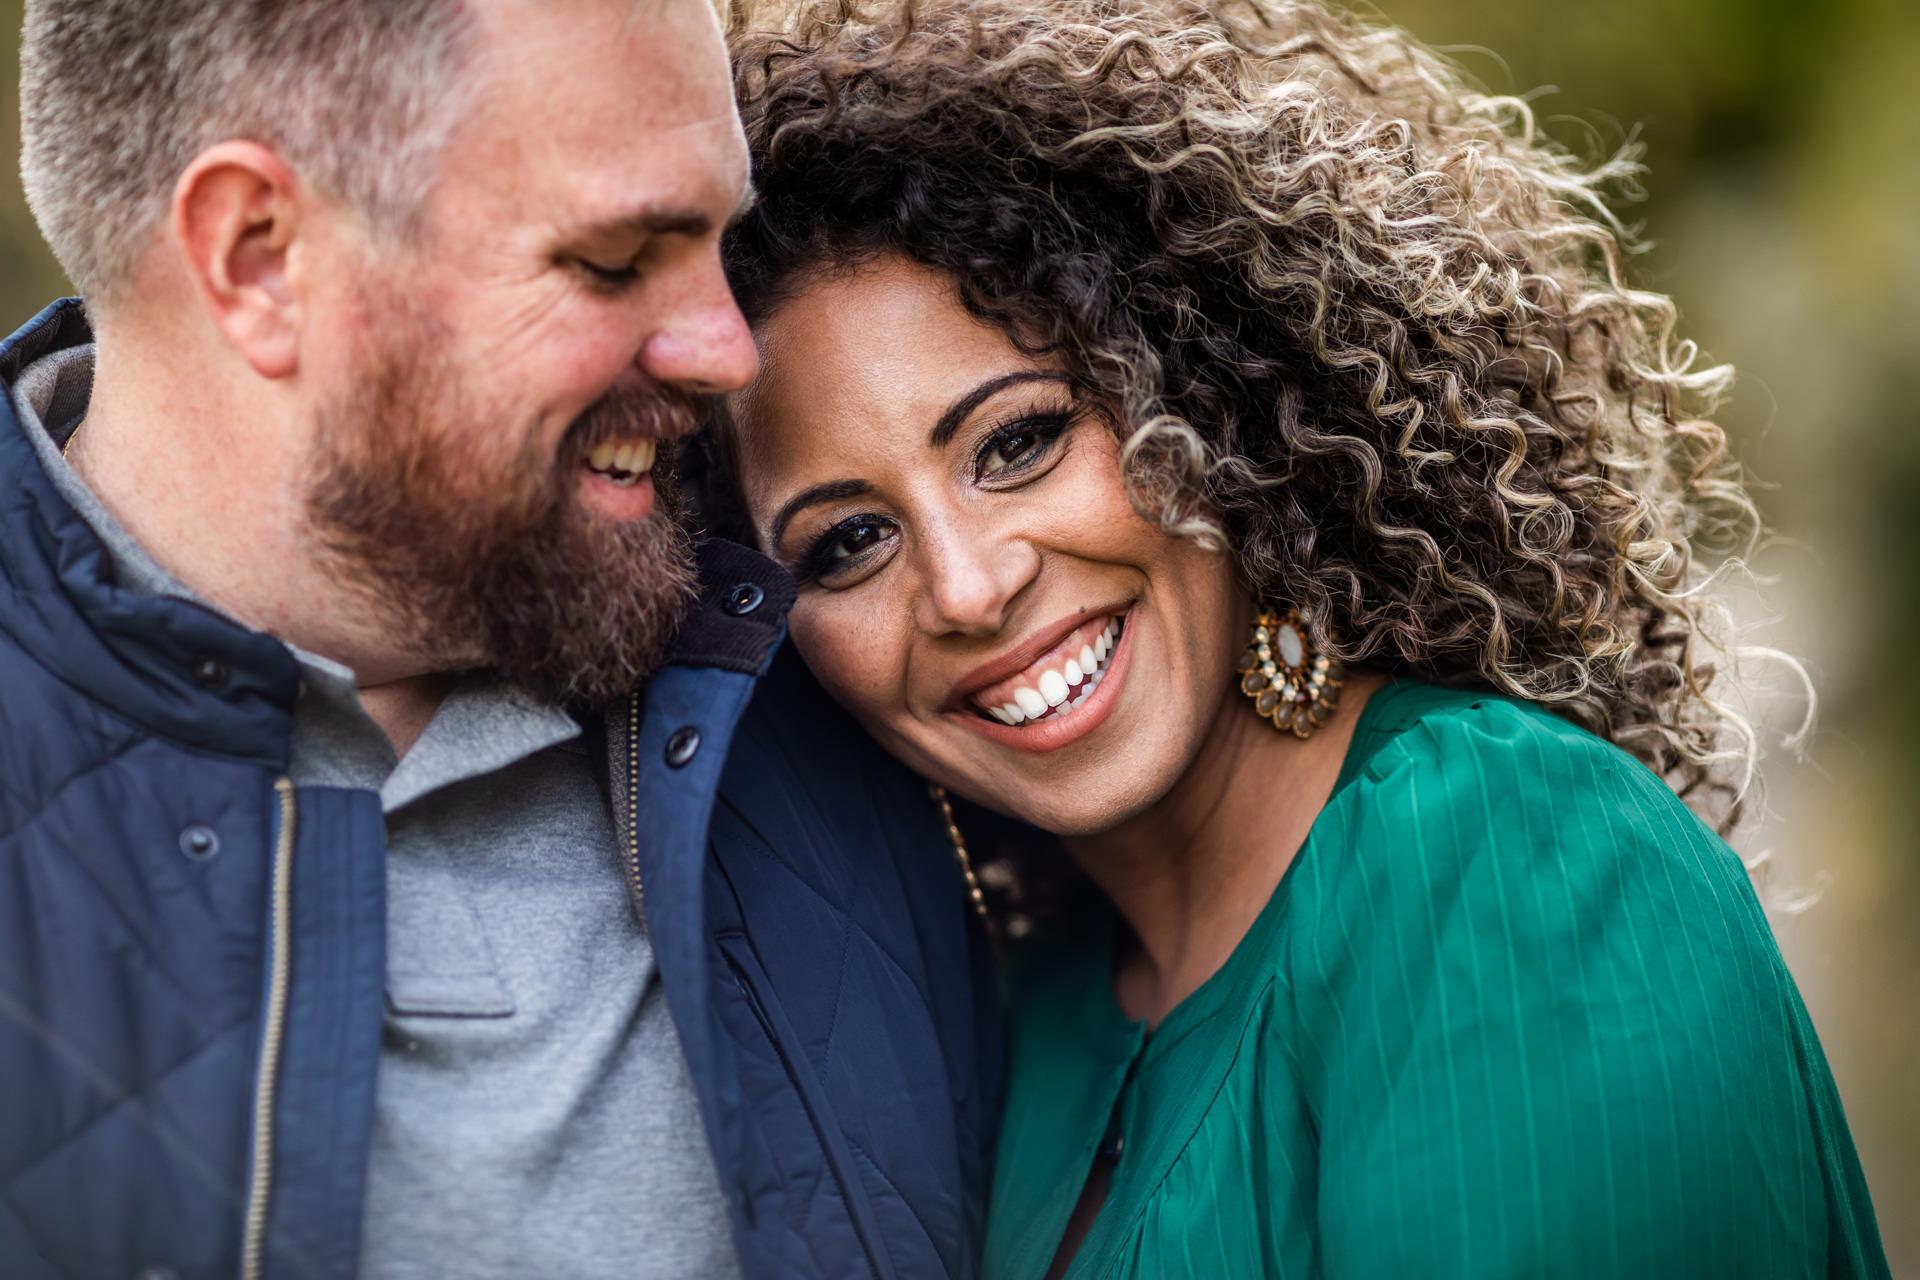 Gerusa & Eric Engagement Photo Closeup Utah